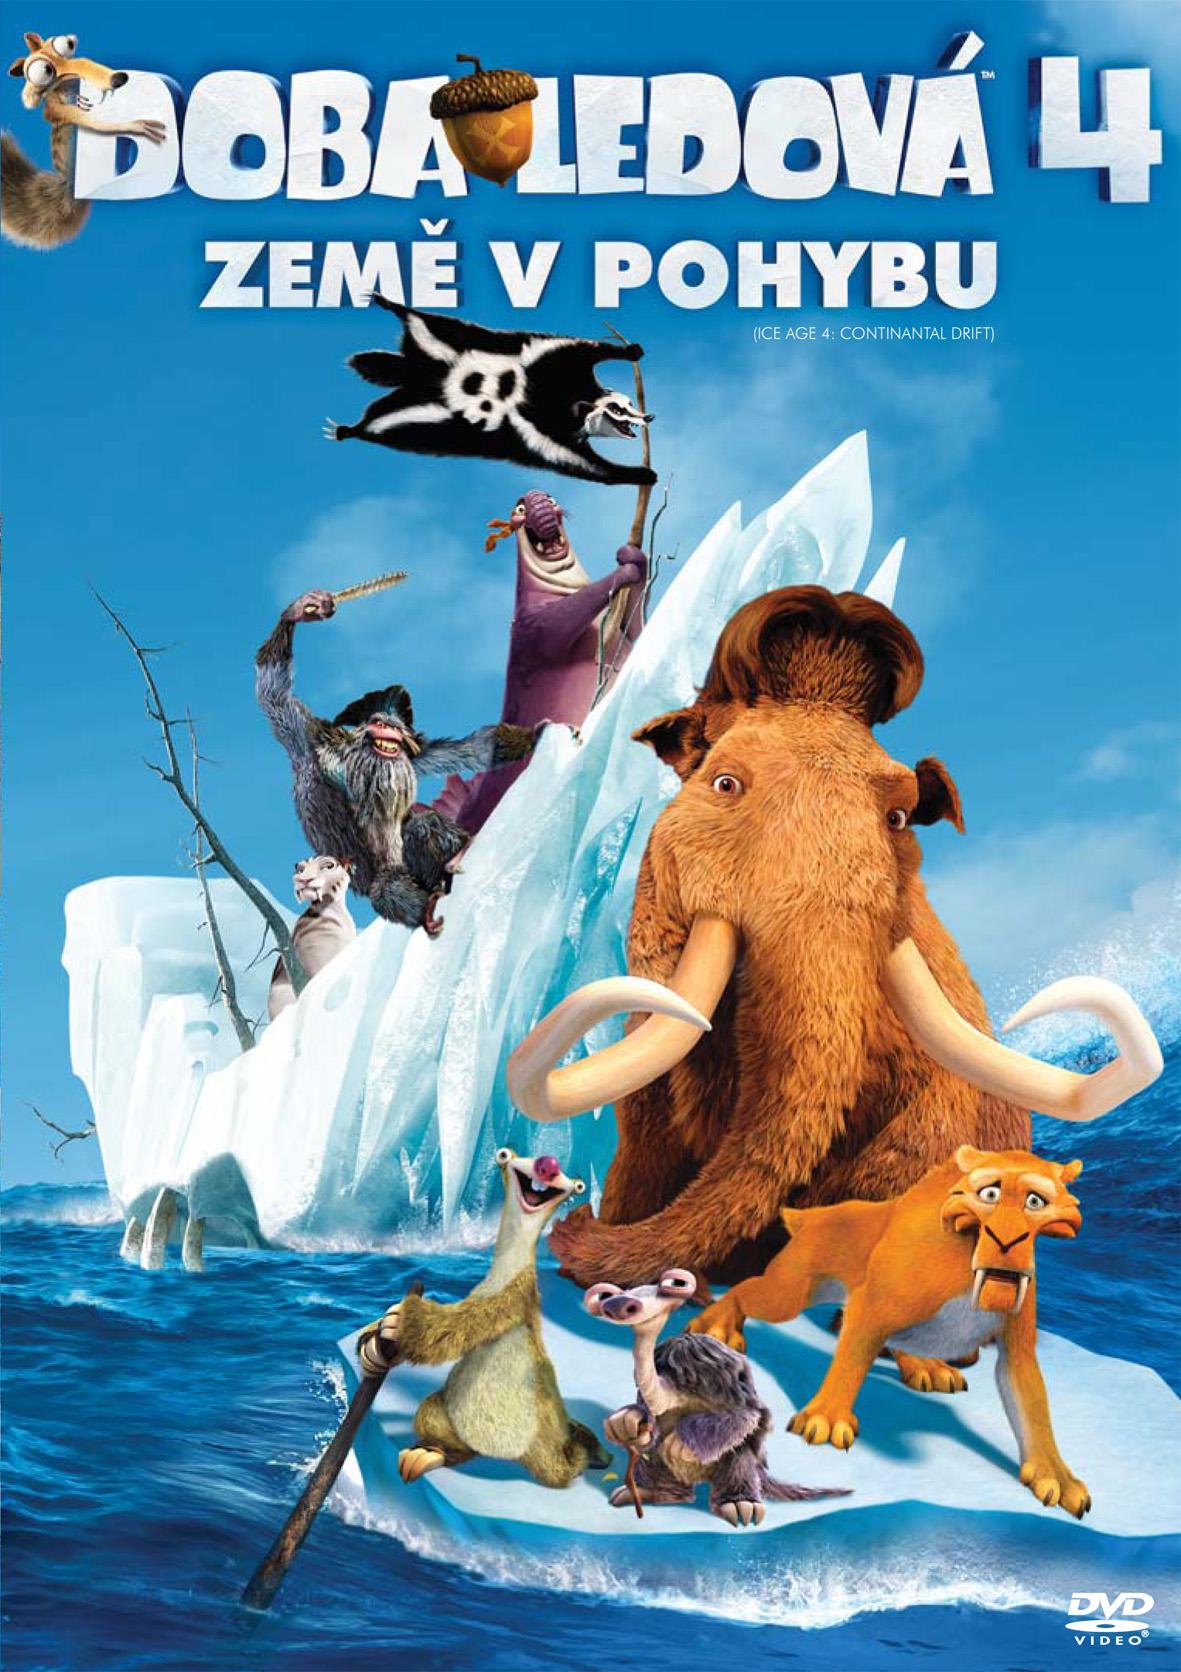 Film Doba ledová 4: Země v pohybu ke stažení - Film Doba ledová 4: Země v pohybu download